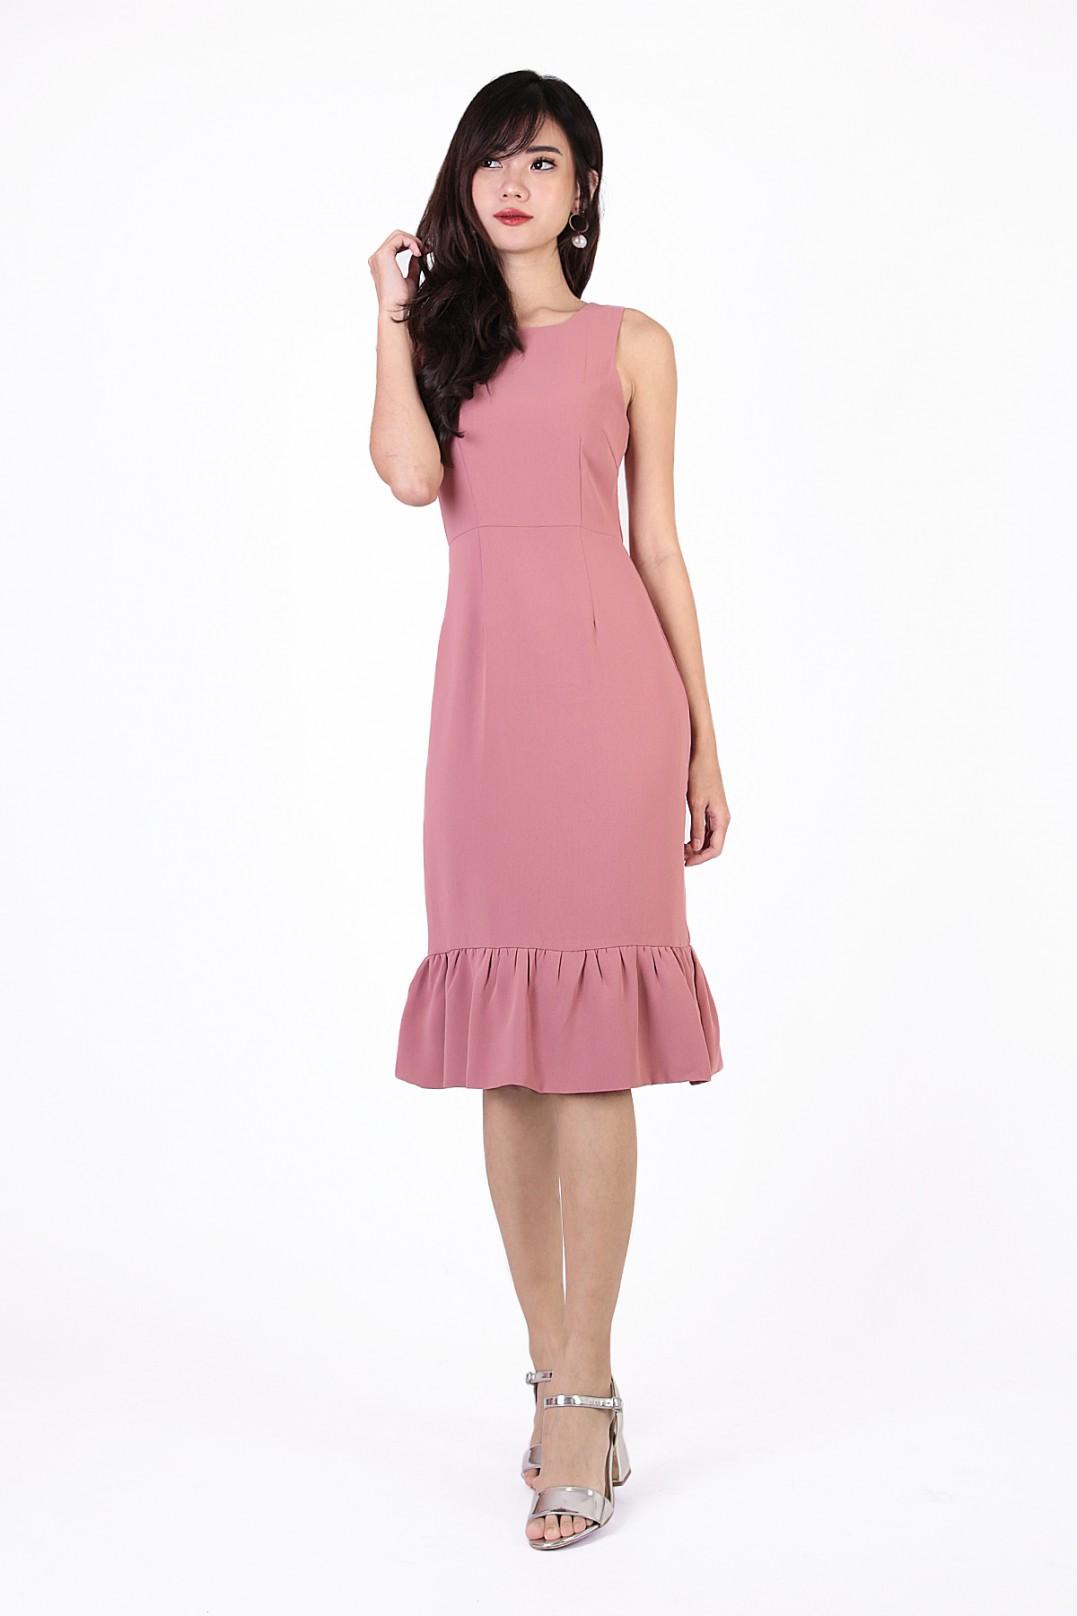 e9bd98d3737 Alana Flounce Dress in Rose Pink - MGP